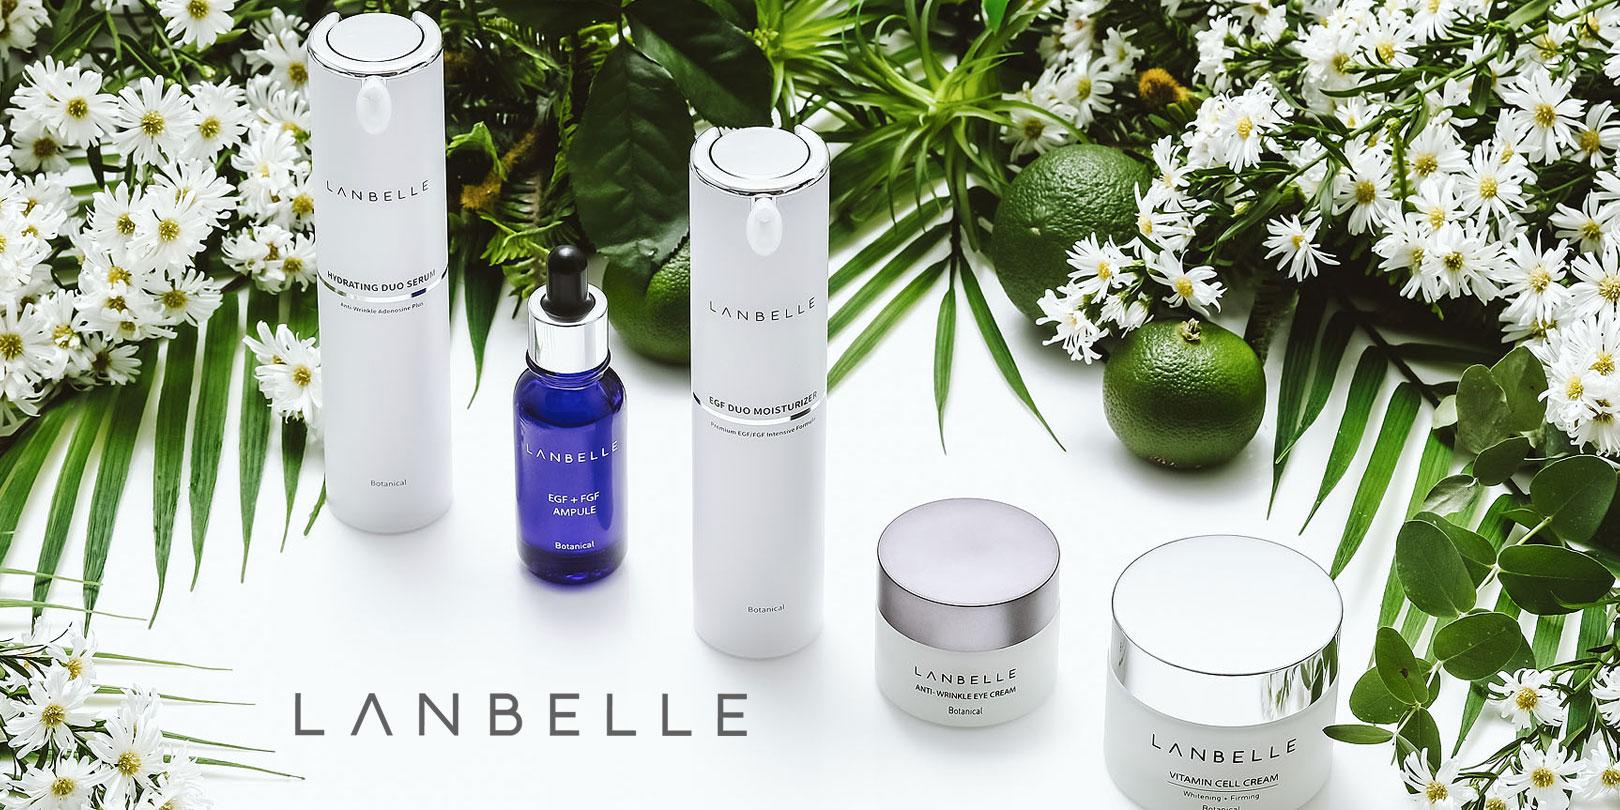 Lanbelle Korean Skincare